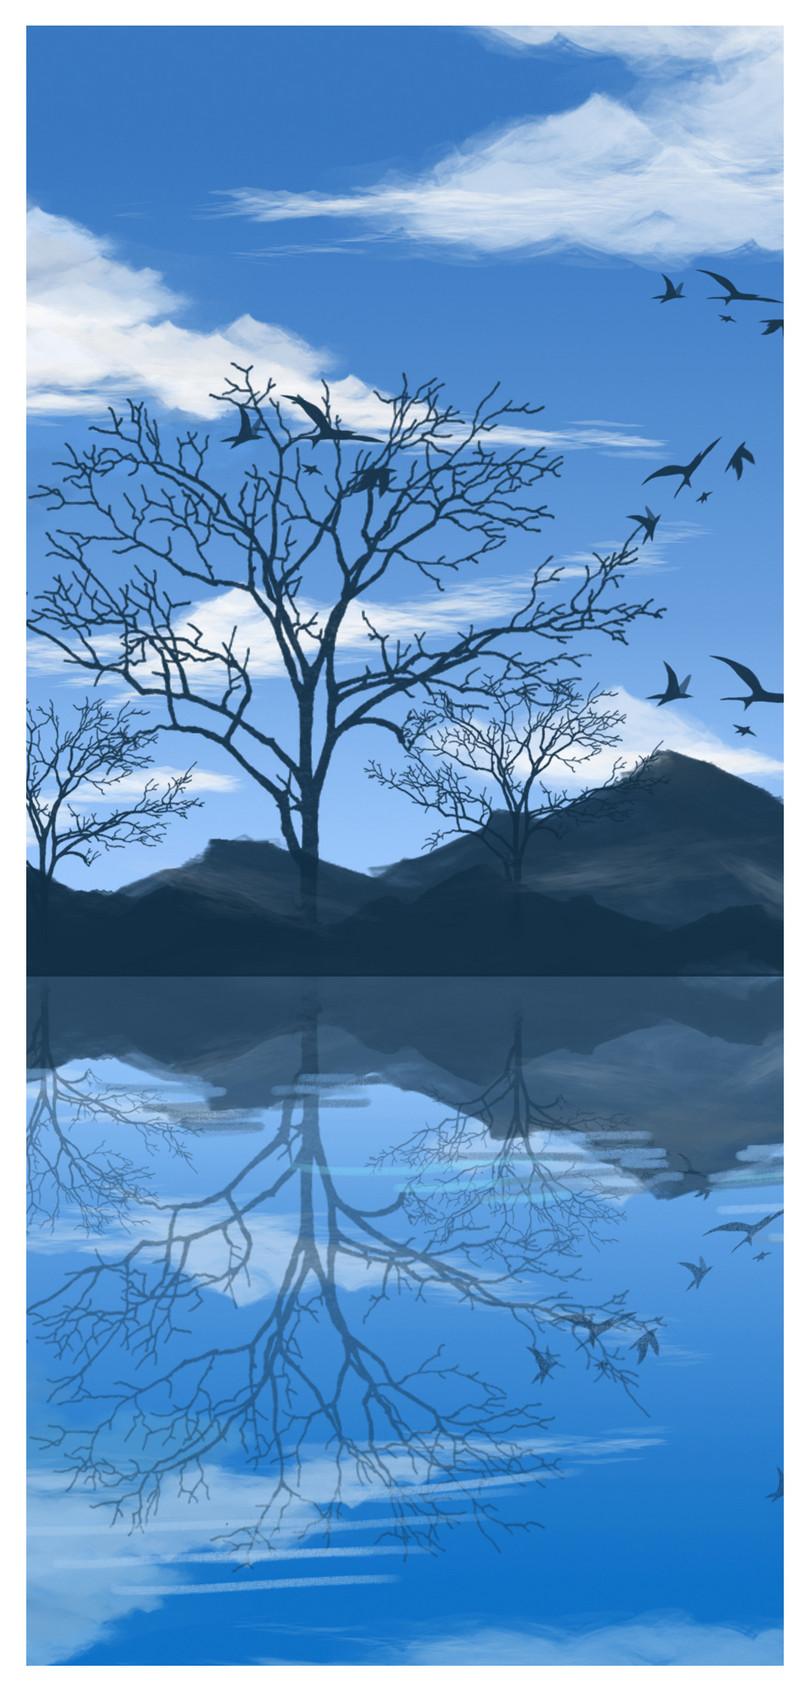 イラスト秋の風景の携帯電話の壁紙イメージ 背景 Id 400414966 Prf画像